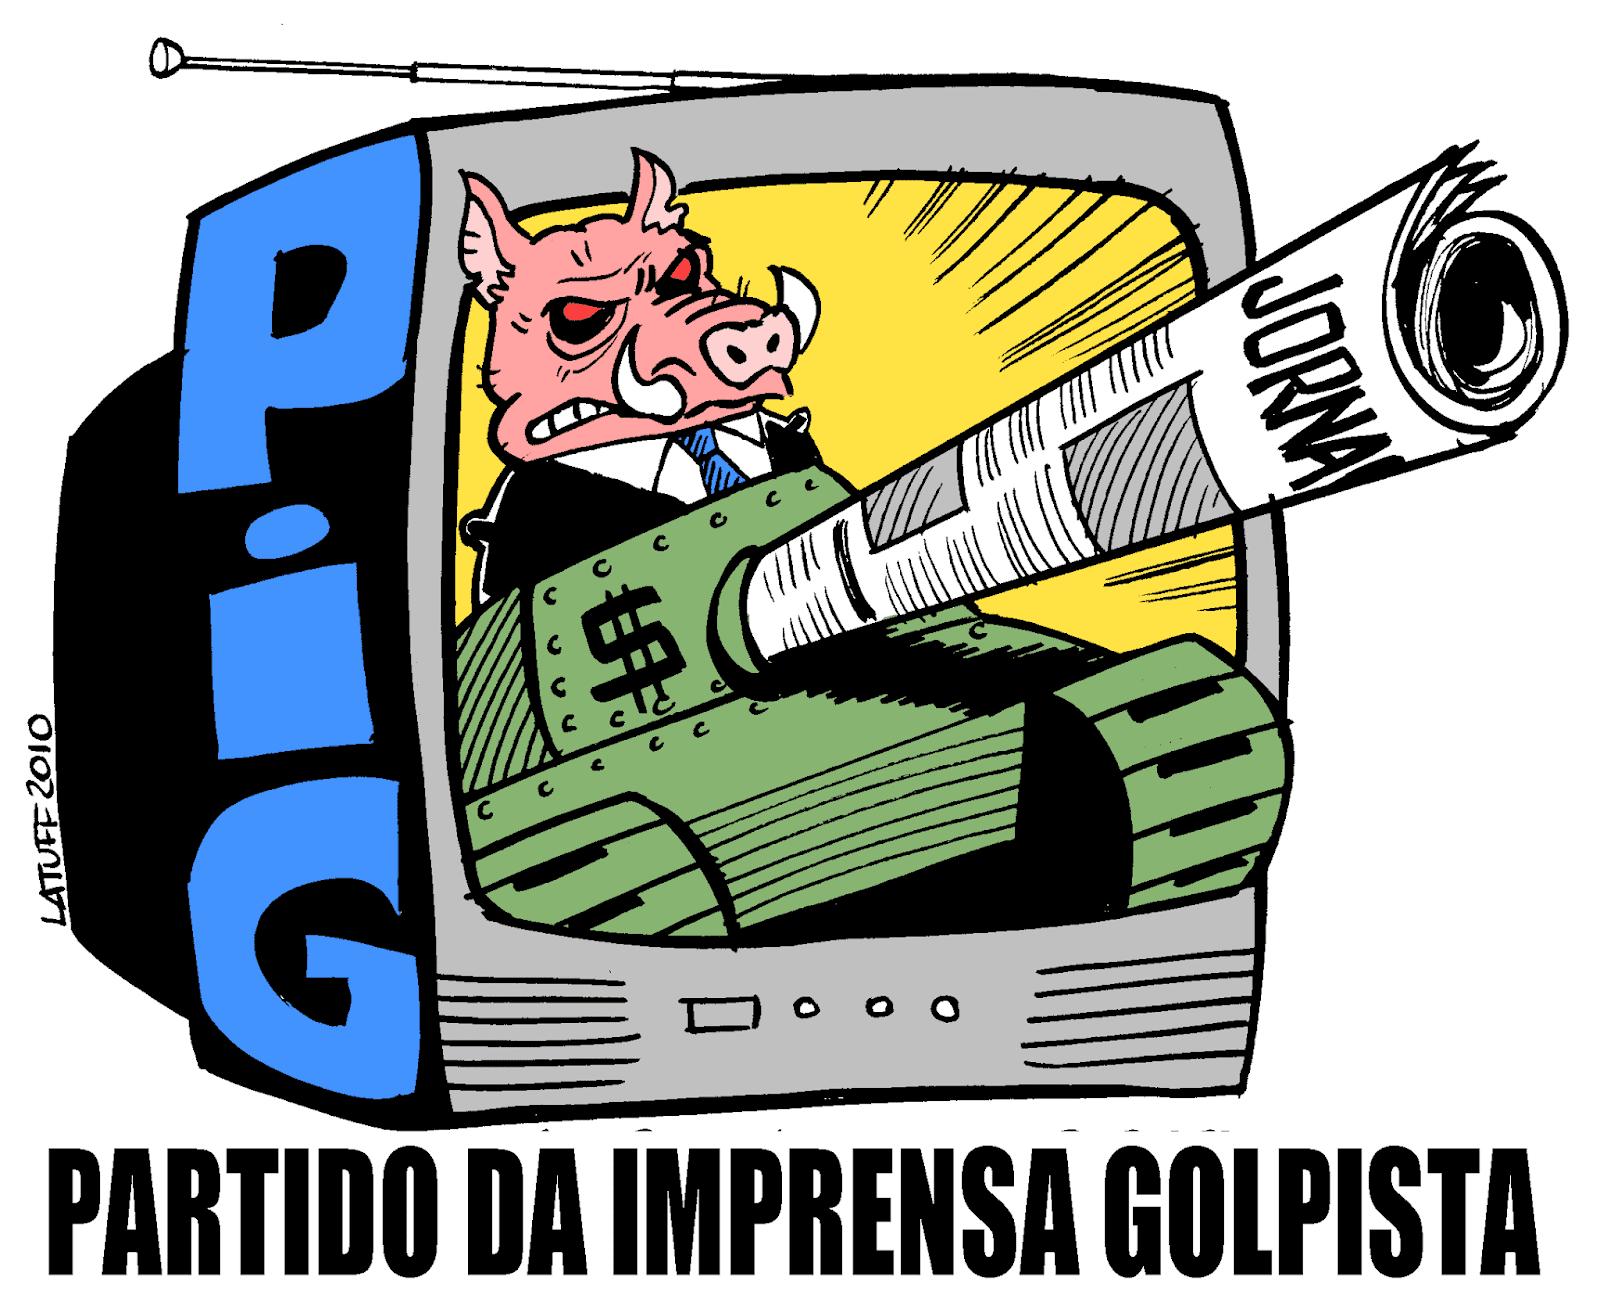 Depois de liderar os golpes de 1964, que lançaram o Brasil numa ditadura de 21 anos, e de 2016, que permitiram a ascensão do neofascismo no país, a Globo publica editorial